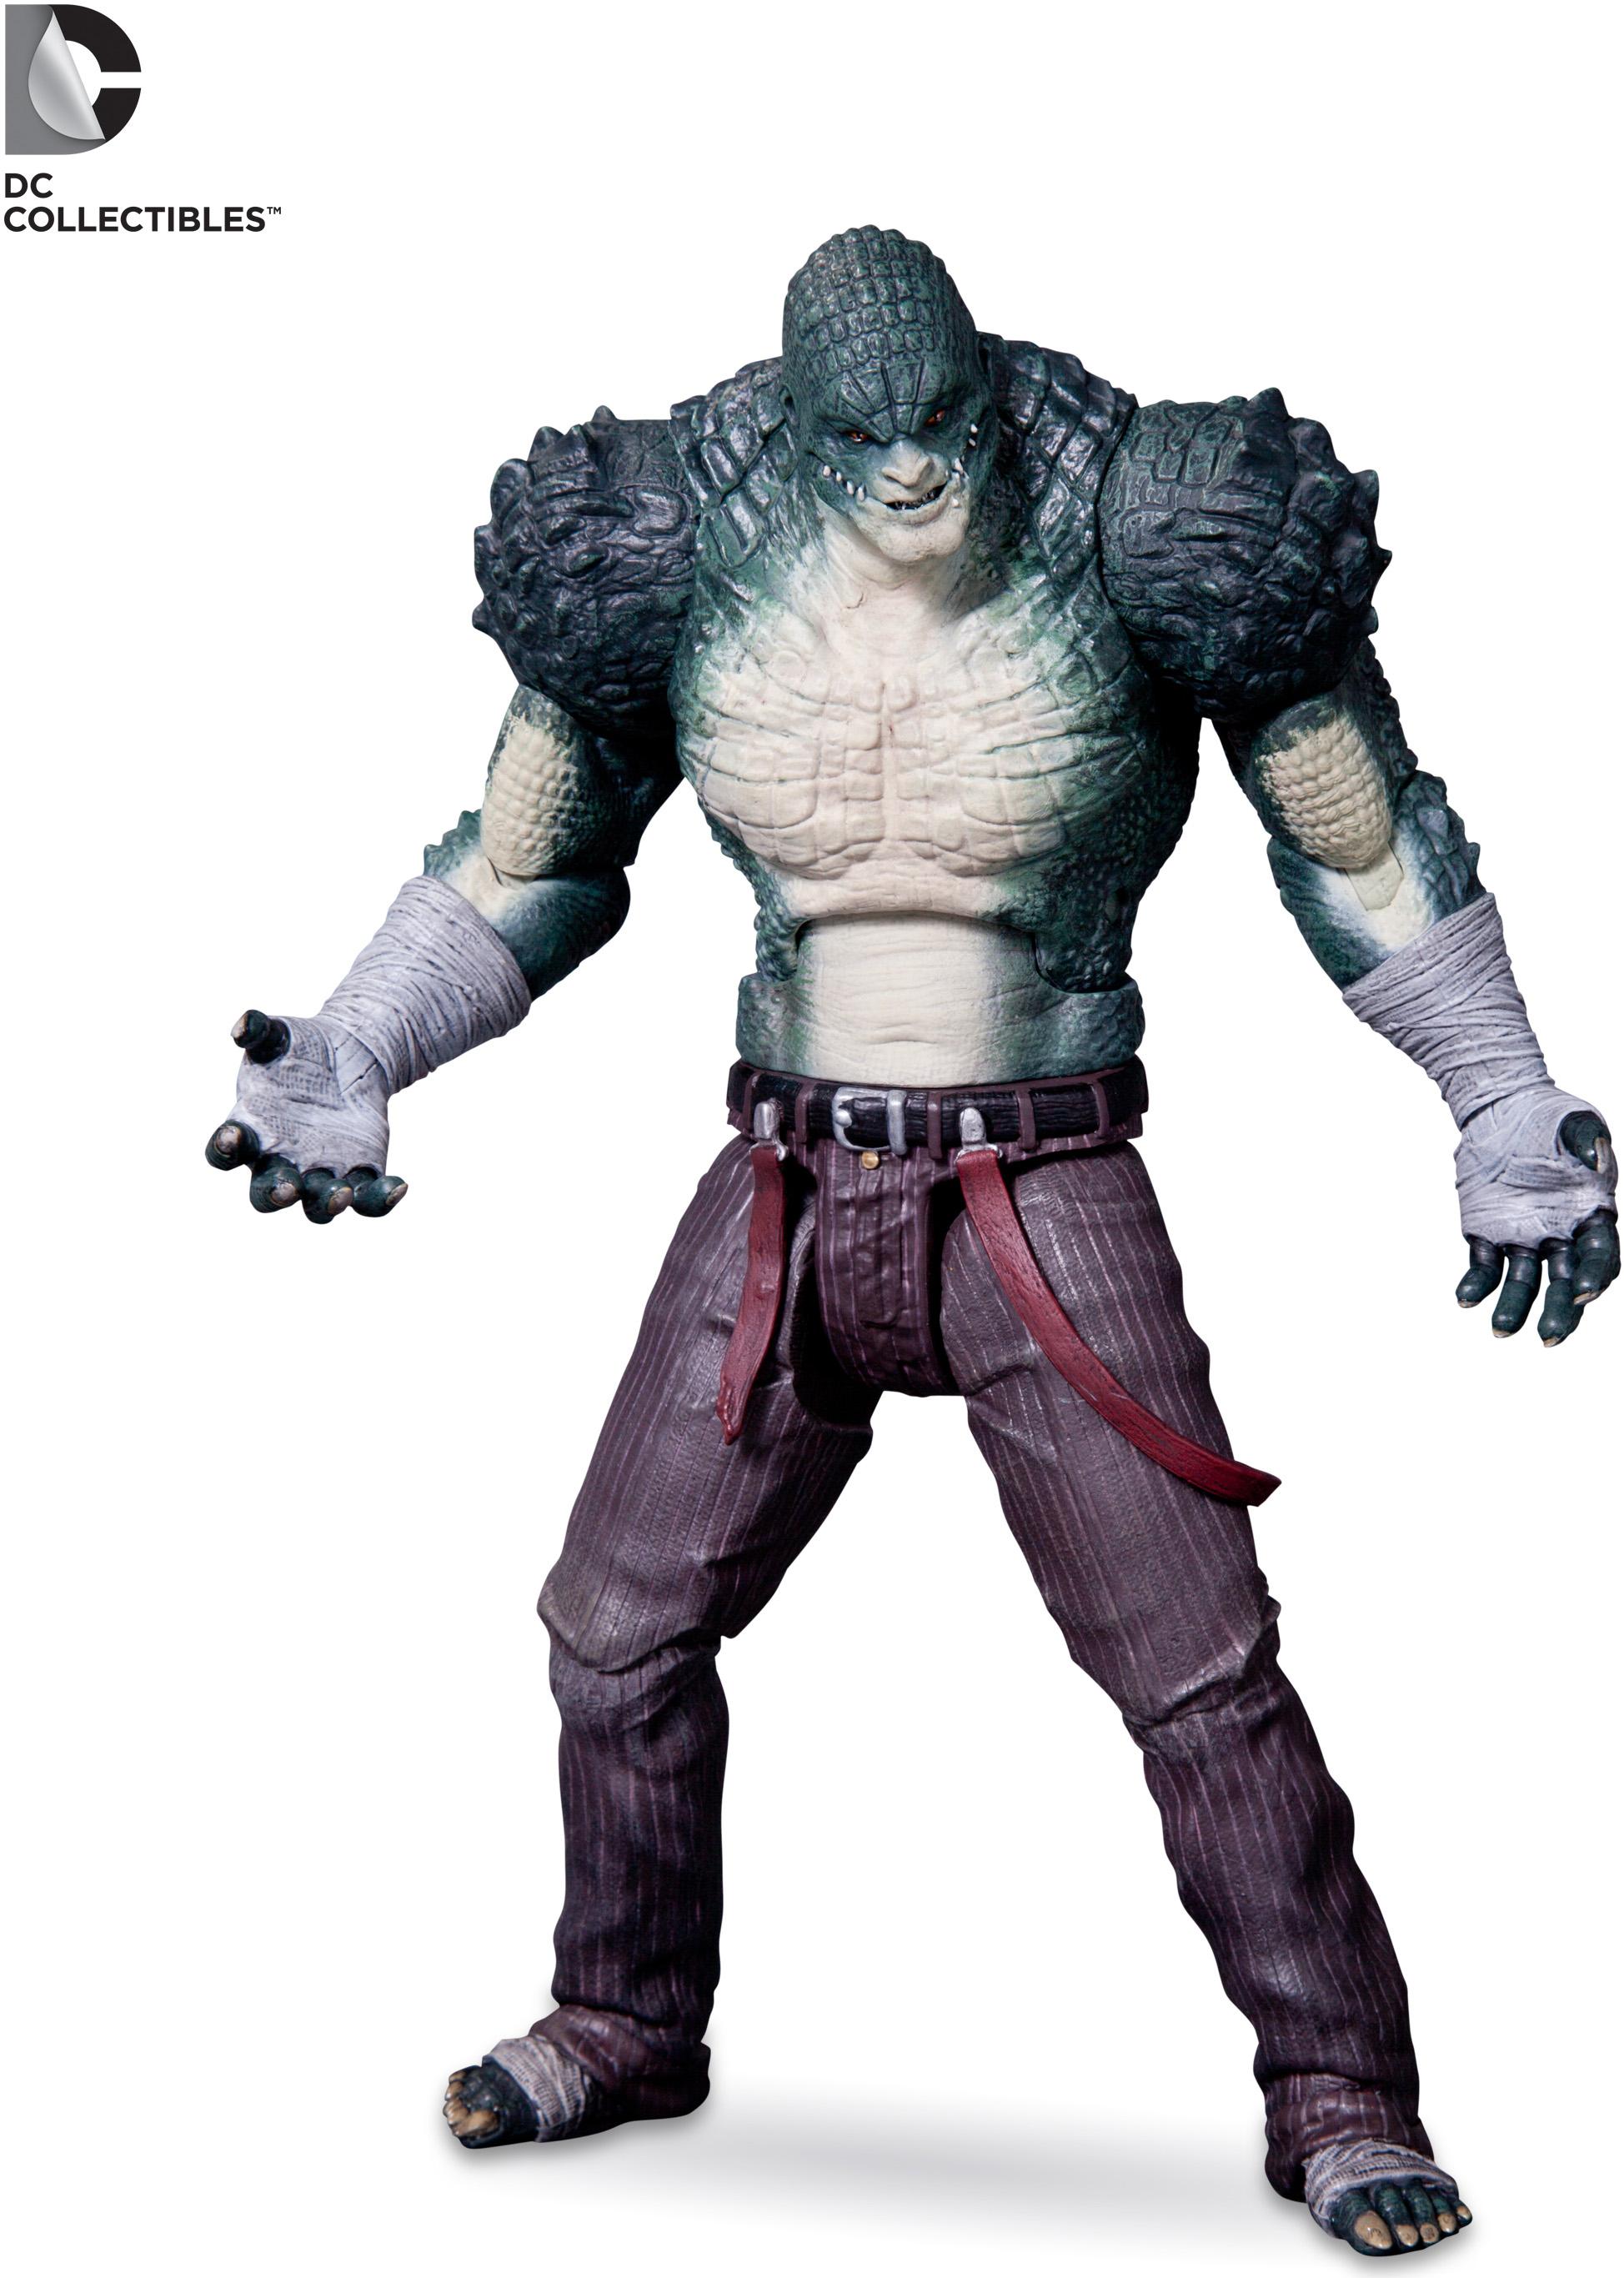 [DC Collectibles] Batman Arkham Origins - Killer Croc Figure Arkham-Origins-Killer-Croc-1